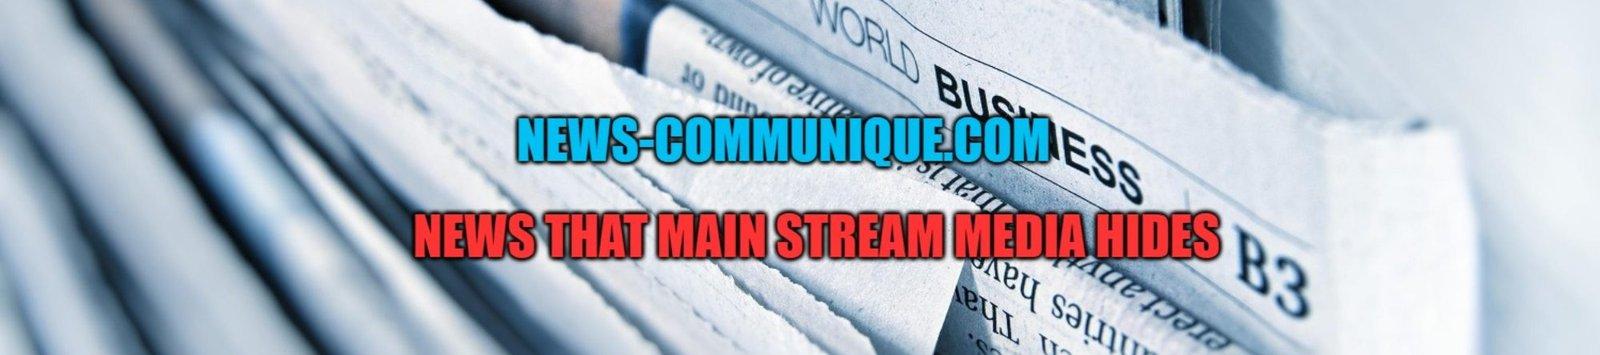 News-Communique.com